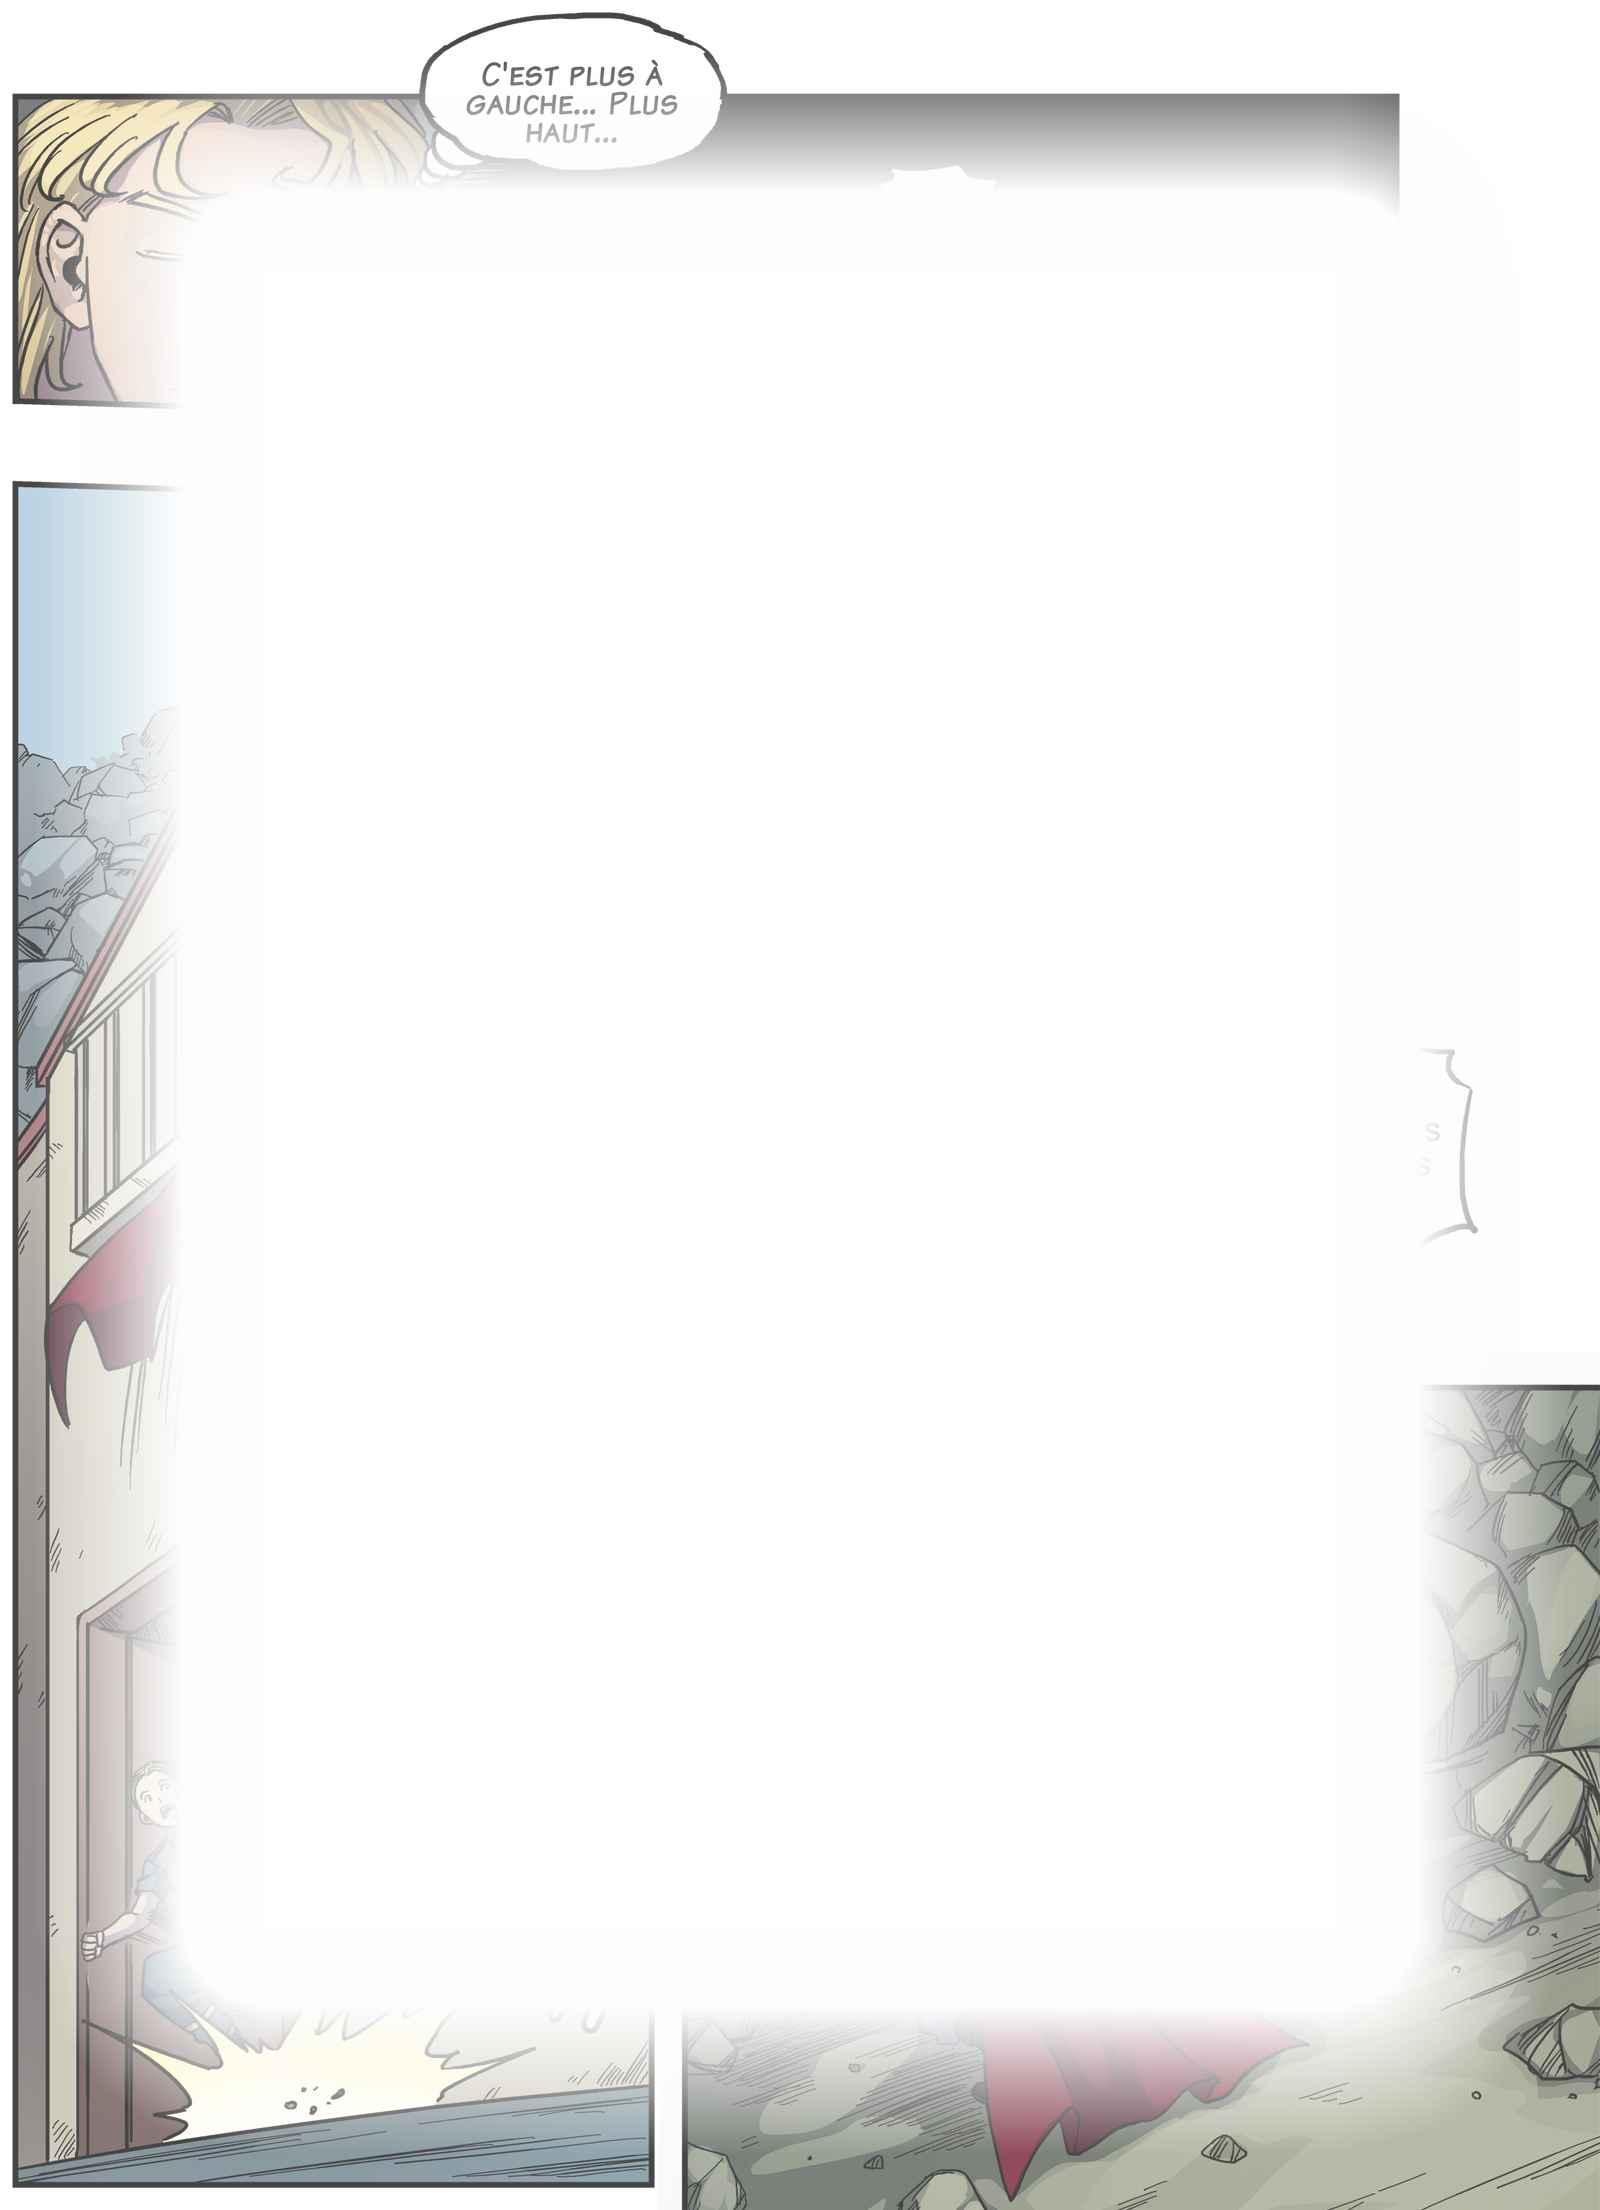 Hémisphères : Chapitre 6 page 17